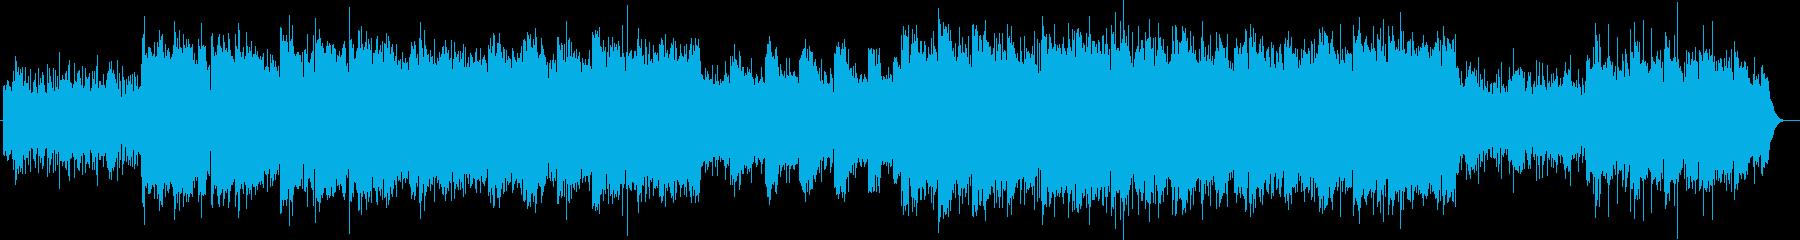 盛大かつ清々しいシンセサイザーサウンドの再生済みの波形